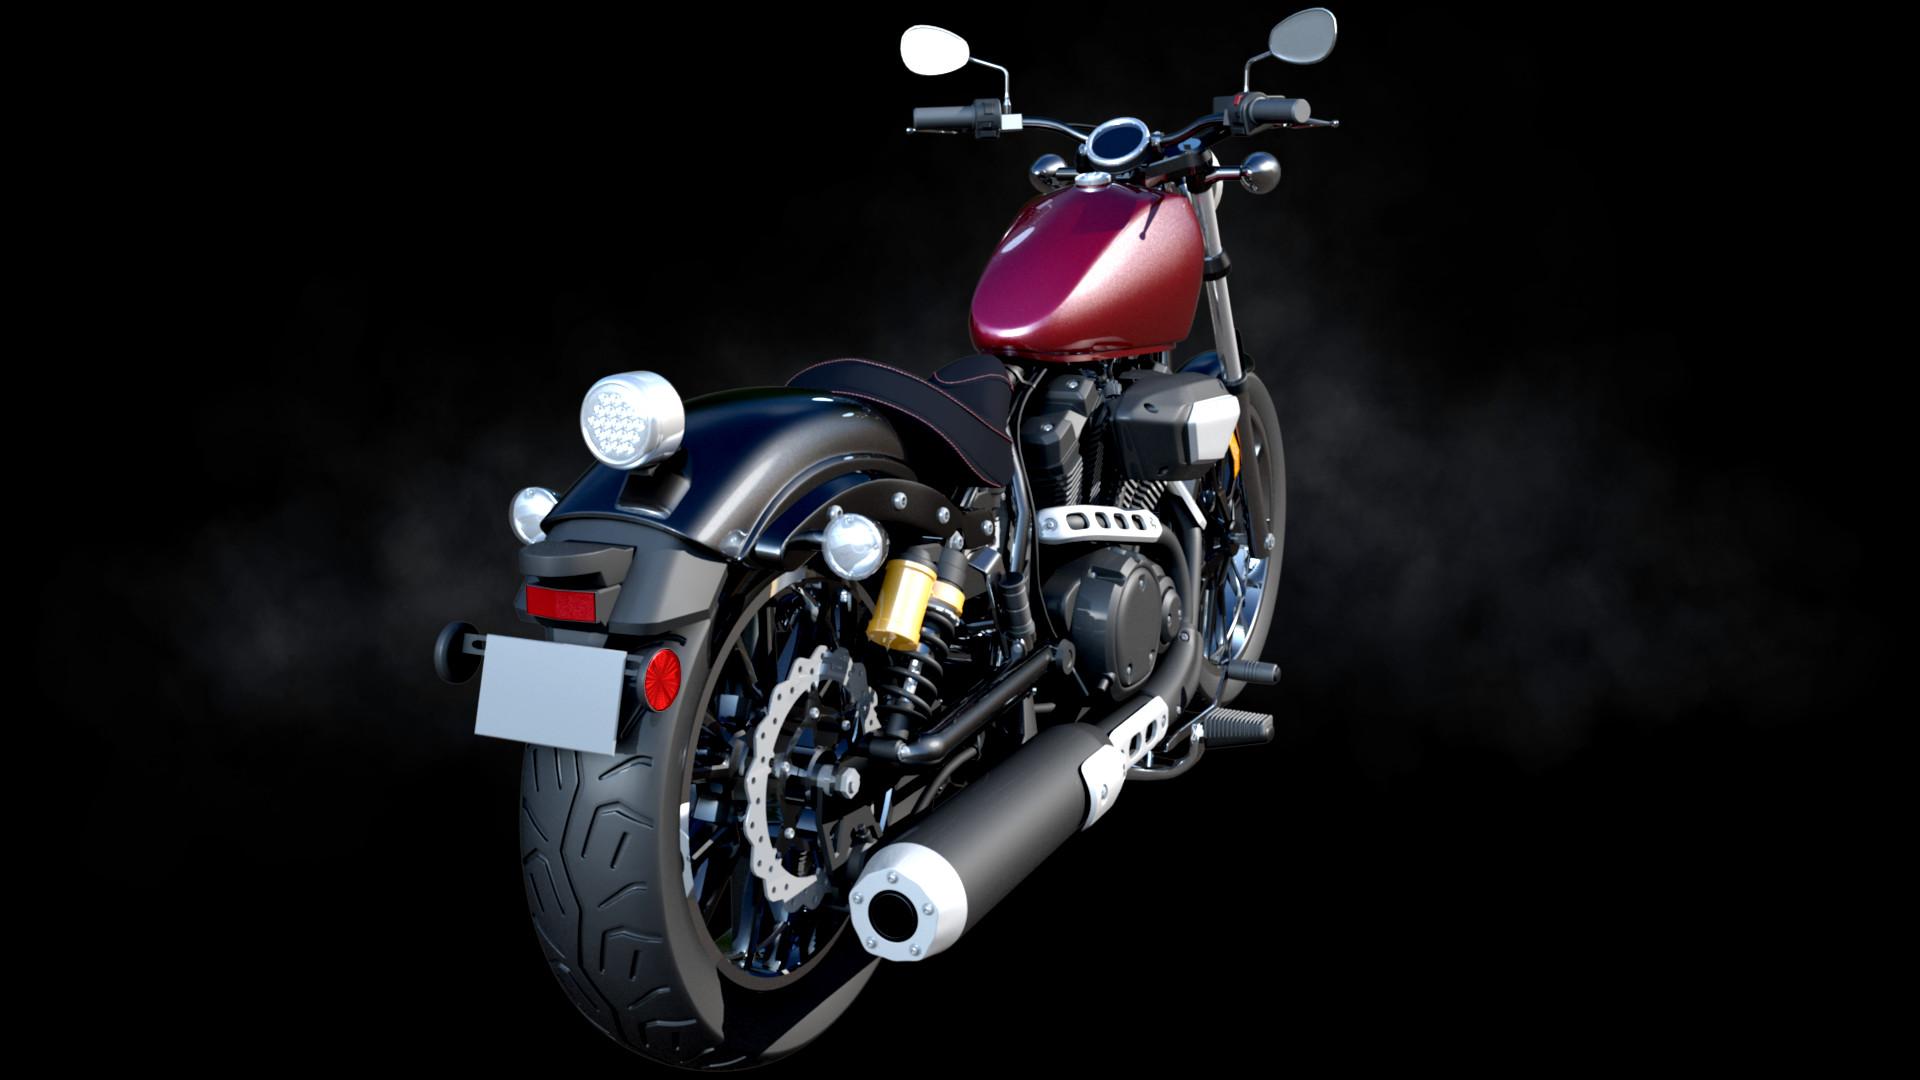 Alexander szopinski motorcycle edit 3